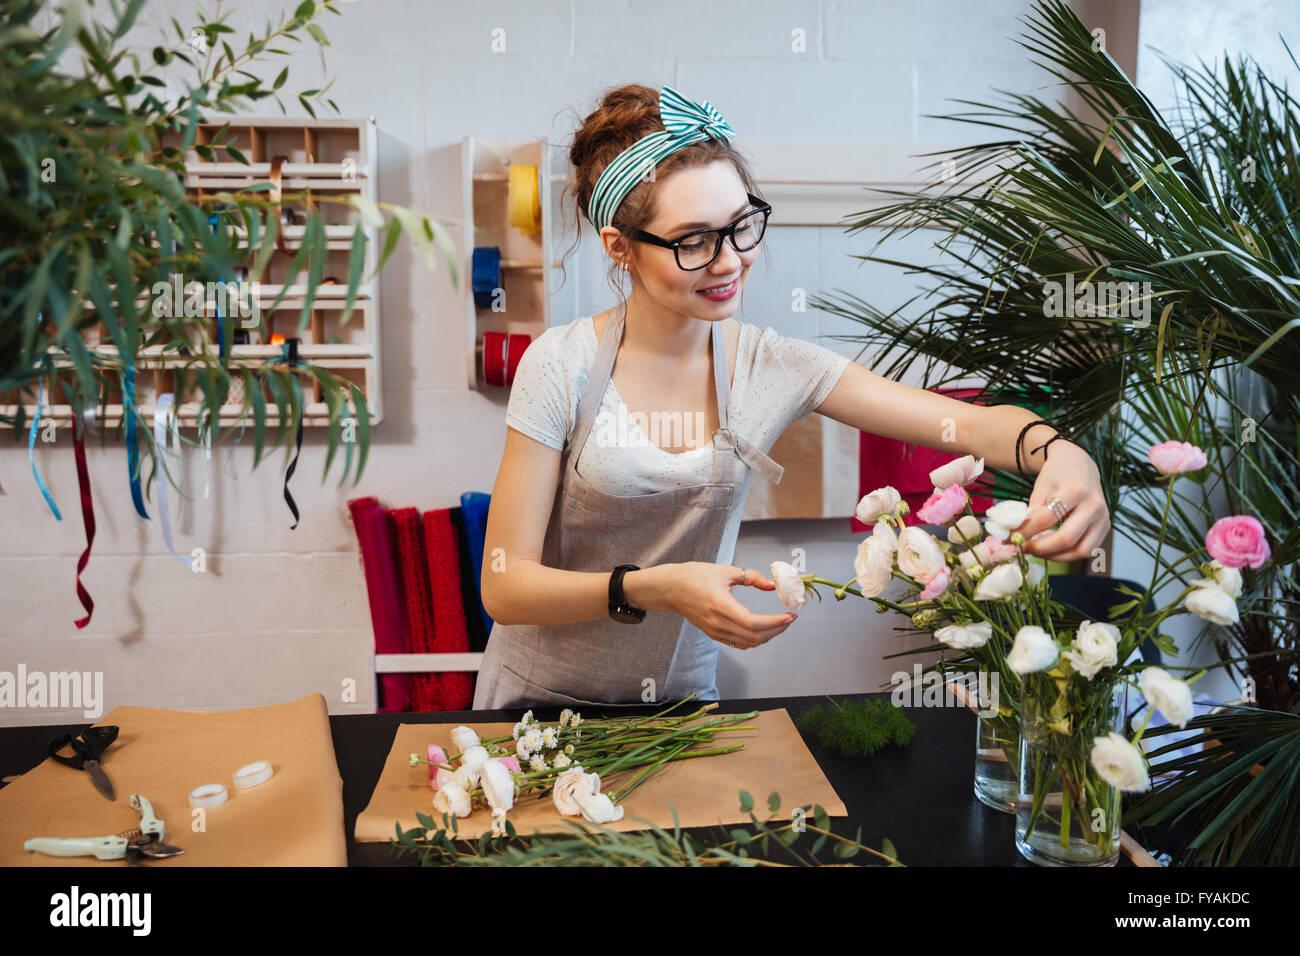 Attraktive junge Frau Florist arbeiten und Strauß im Blumenladen lächelnd Stockbild